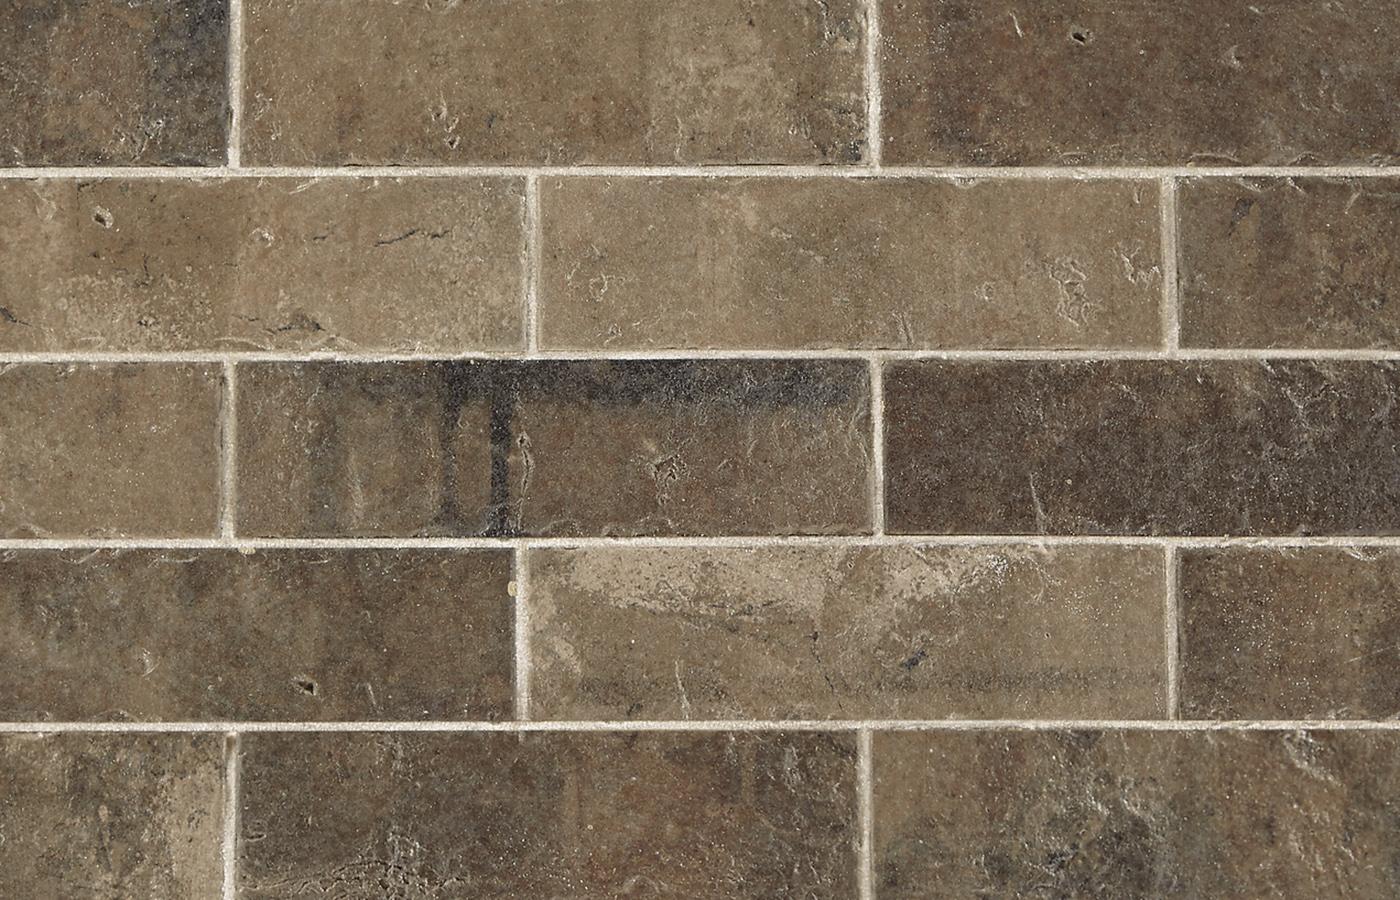 Brickwork Corridor